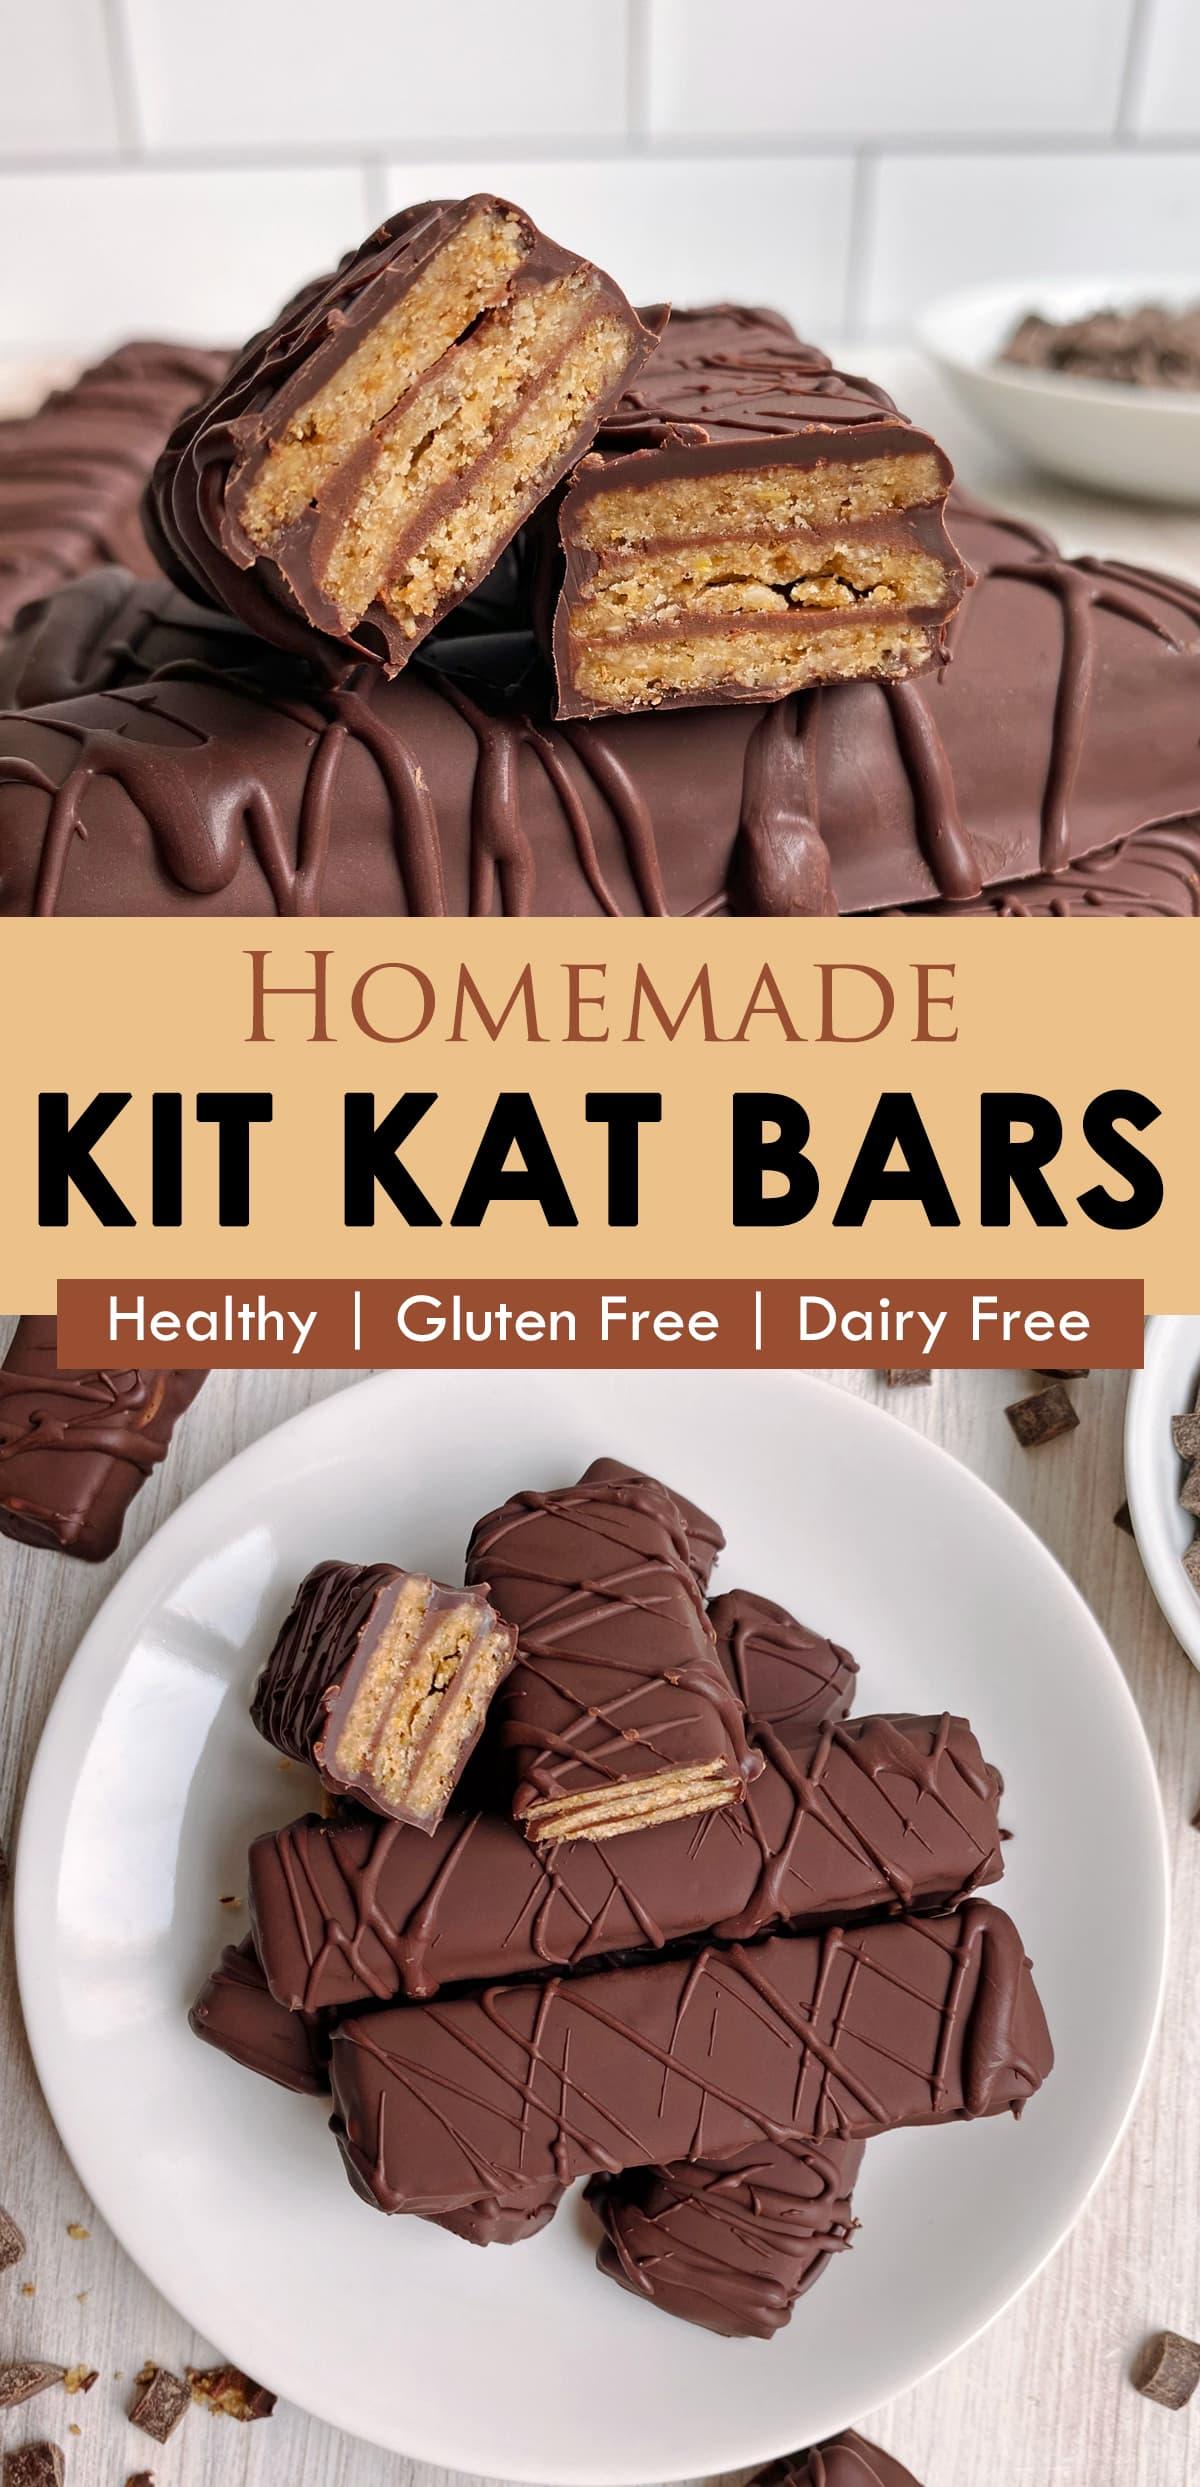 homemade-kit-kat-bars-pinterest-image